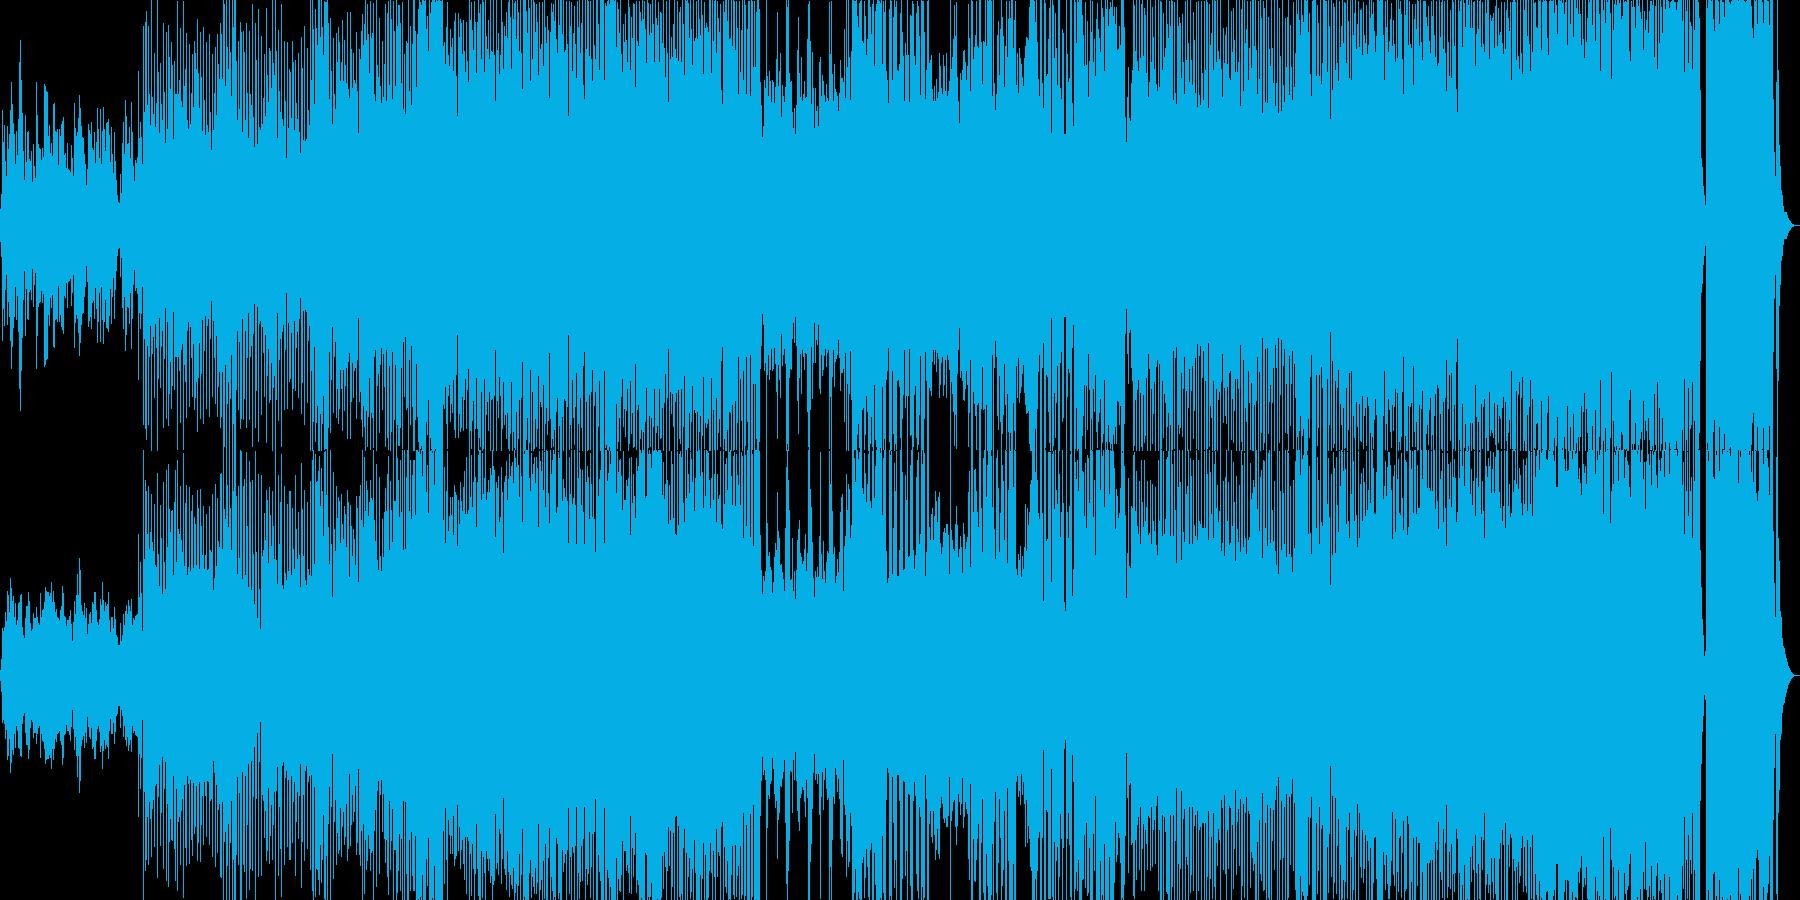 ディズニー風の愉快なファンタジーランド風の再生済みの波形